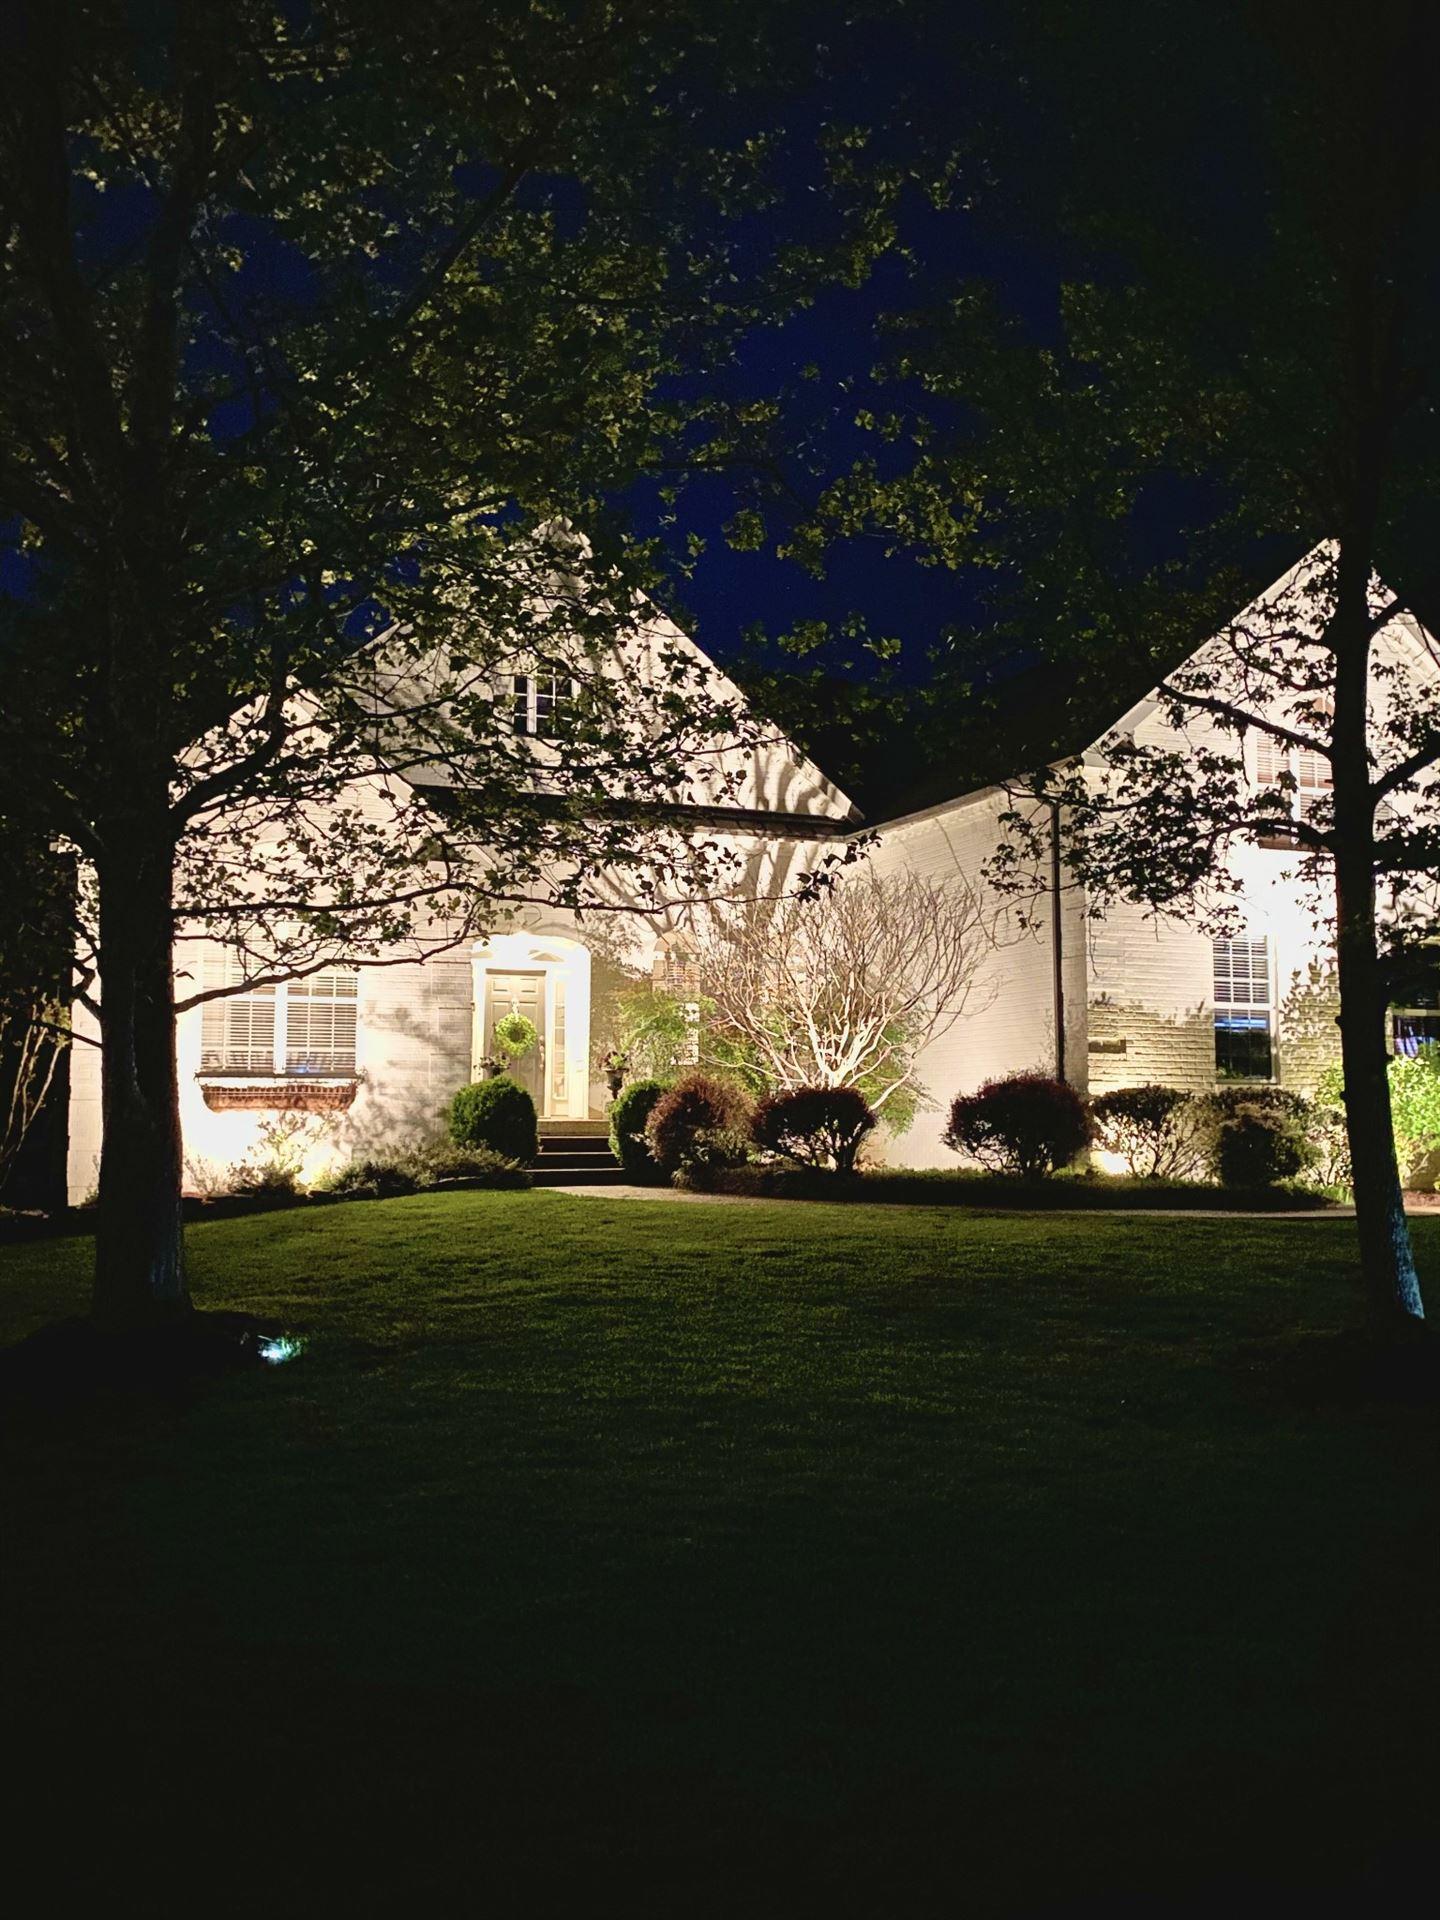 Photo of 428 Coburn Ln, Franklin, TN 37069 (MLS # 2251579)